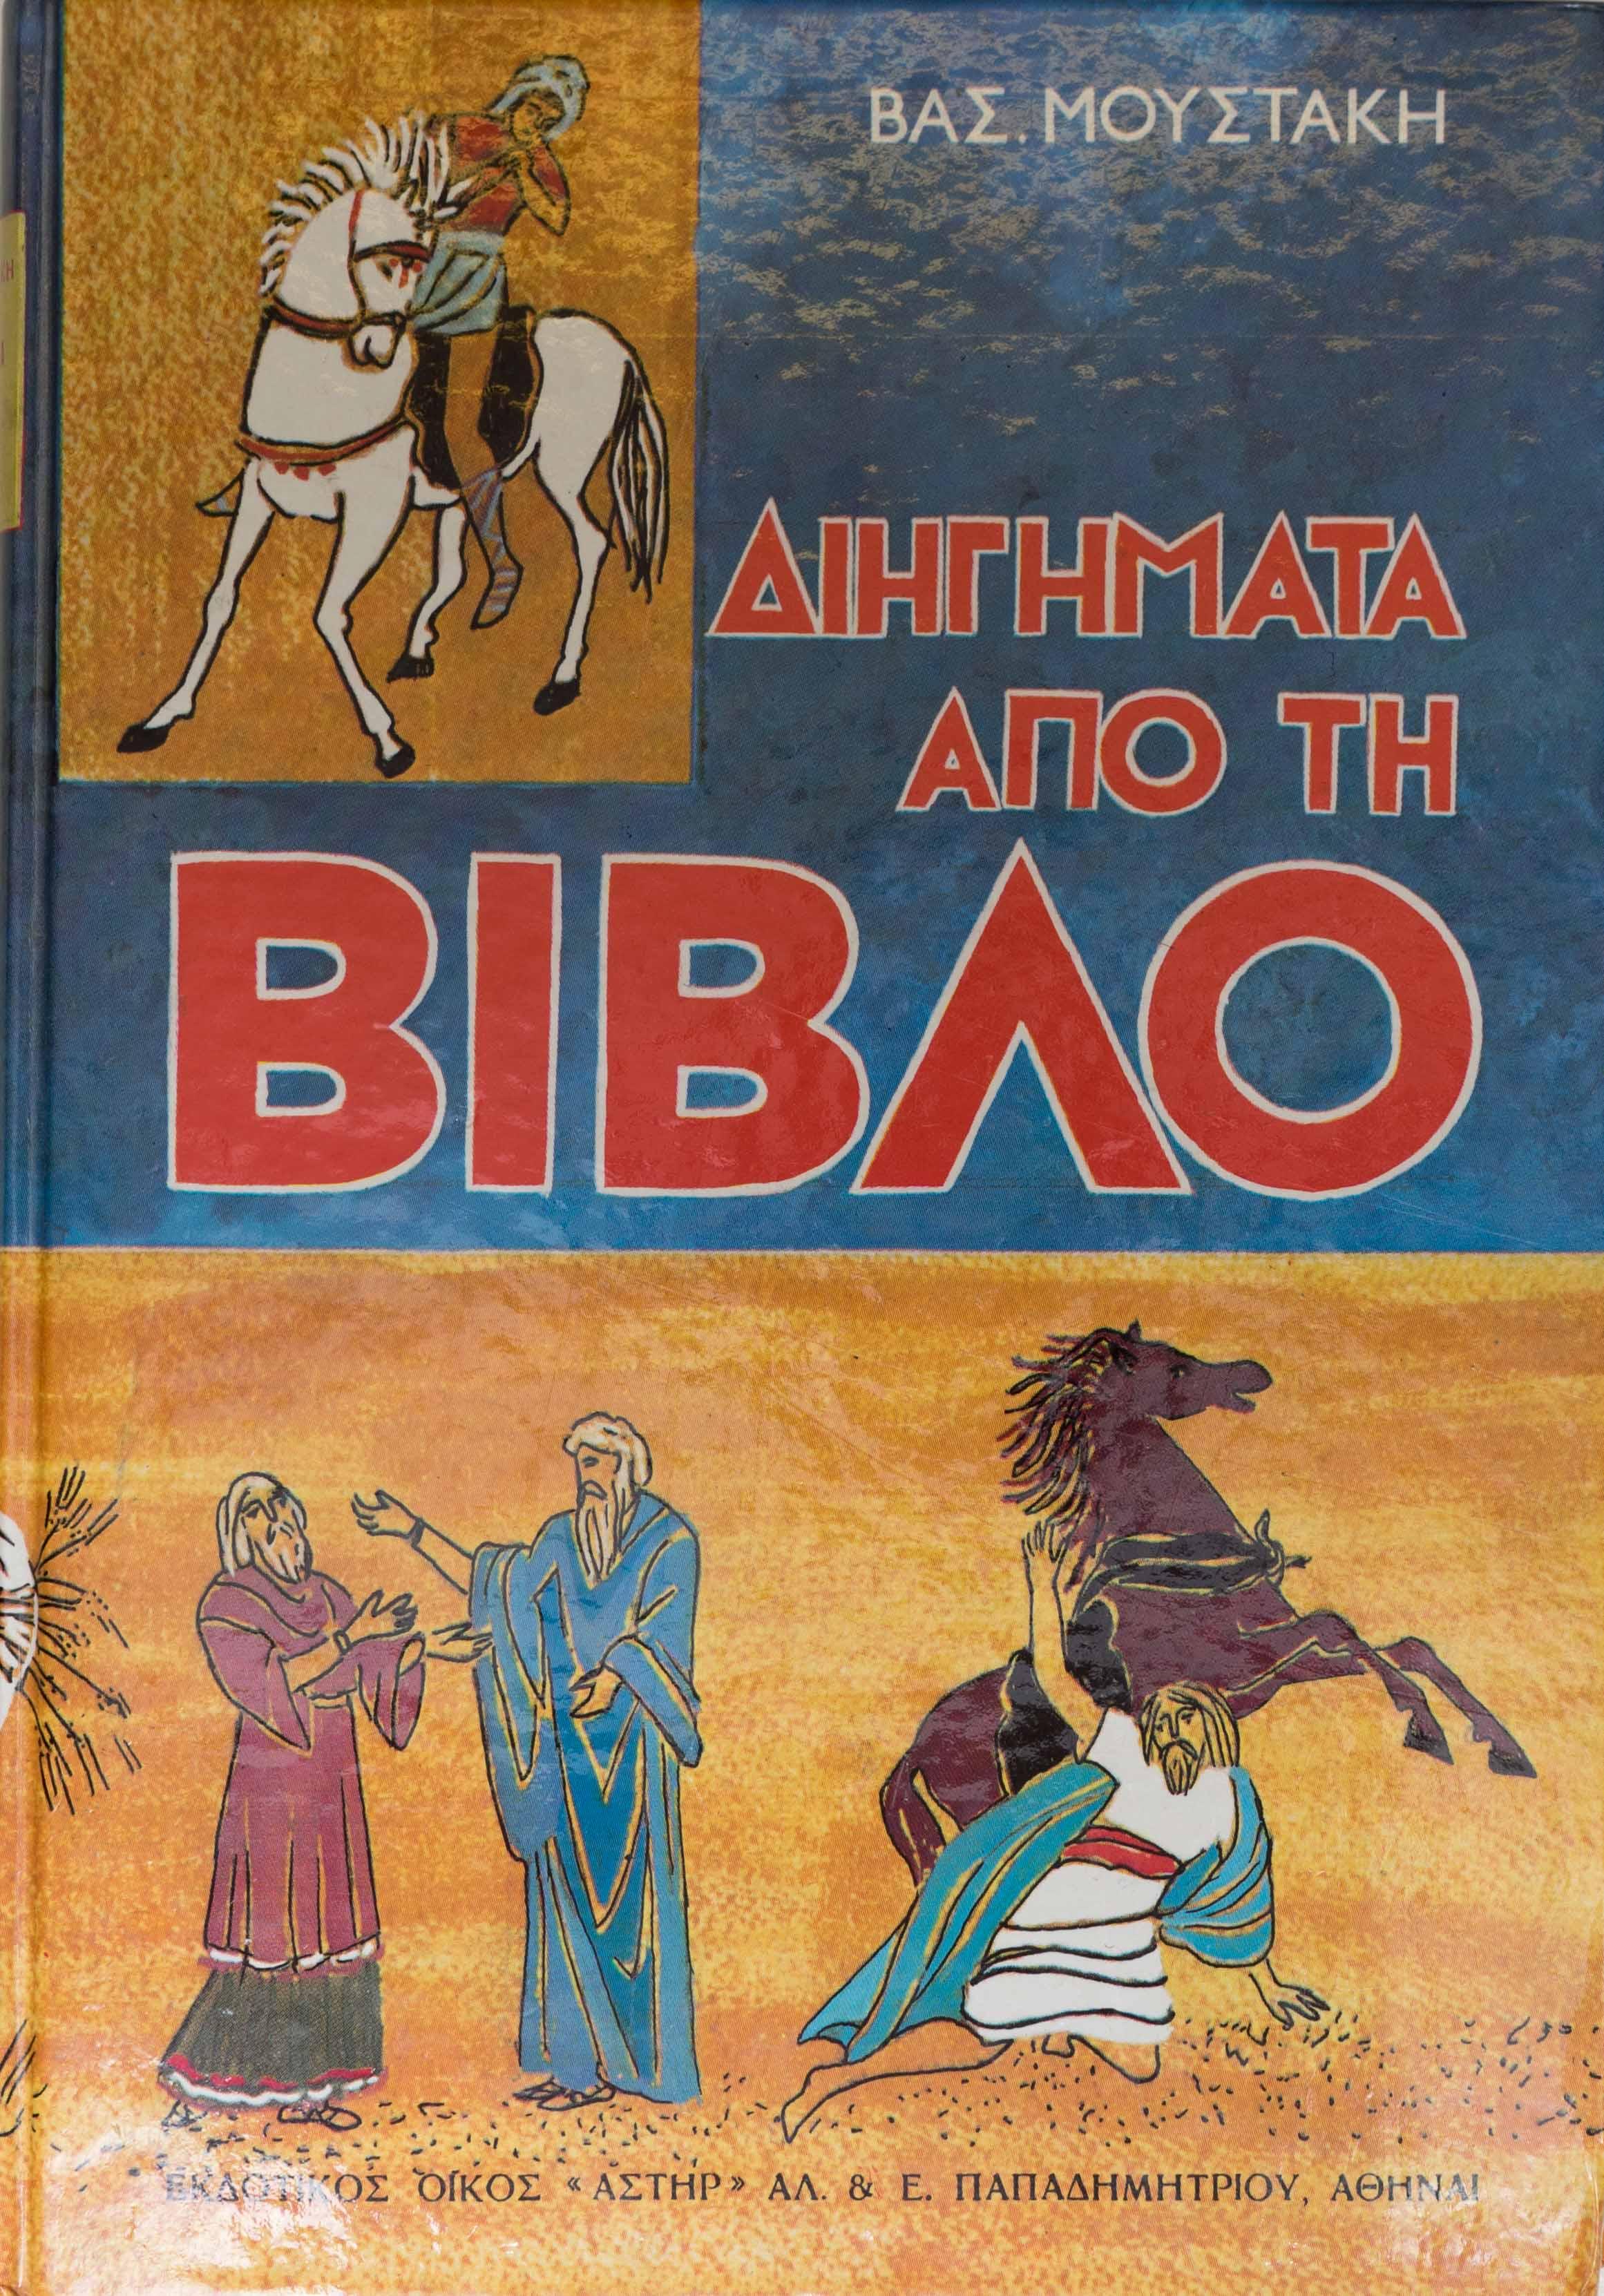 Διηγήματα απο τη Βίβλο – Short Stories from The Bible